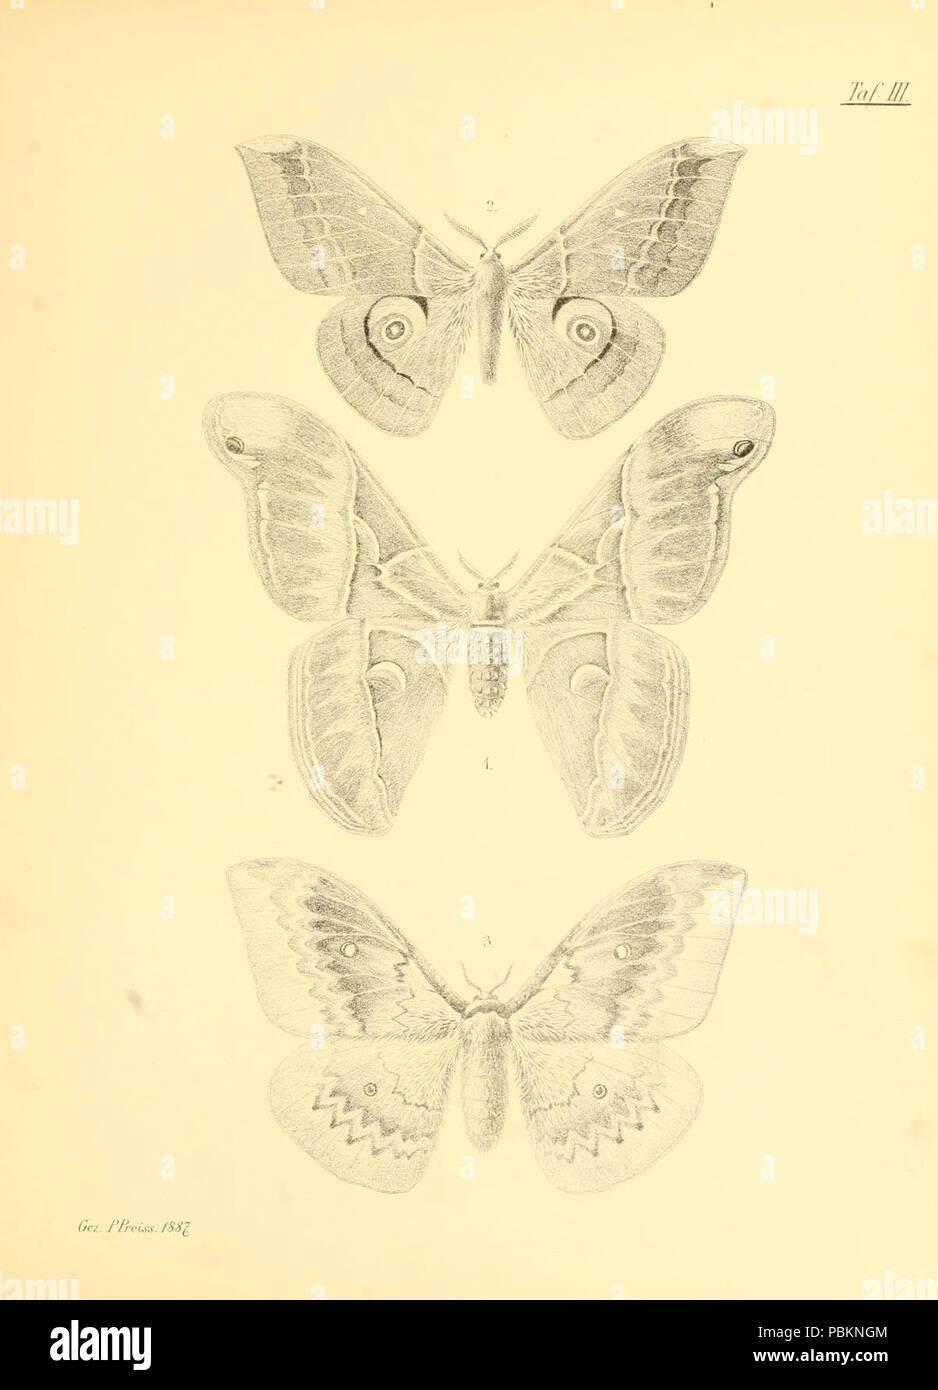 Abbildungen hervorragender Nachtschmetterlinge aus dem indo-australischen und südamerikanischen Faunengebiet (Taf. III) - Stock Image